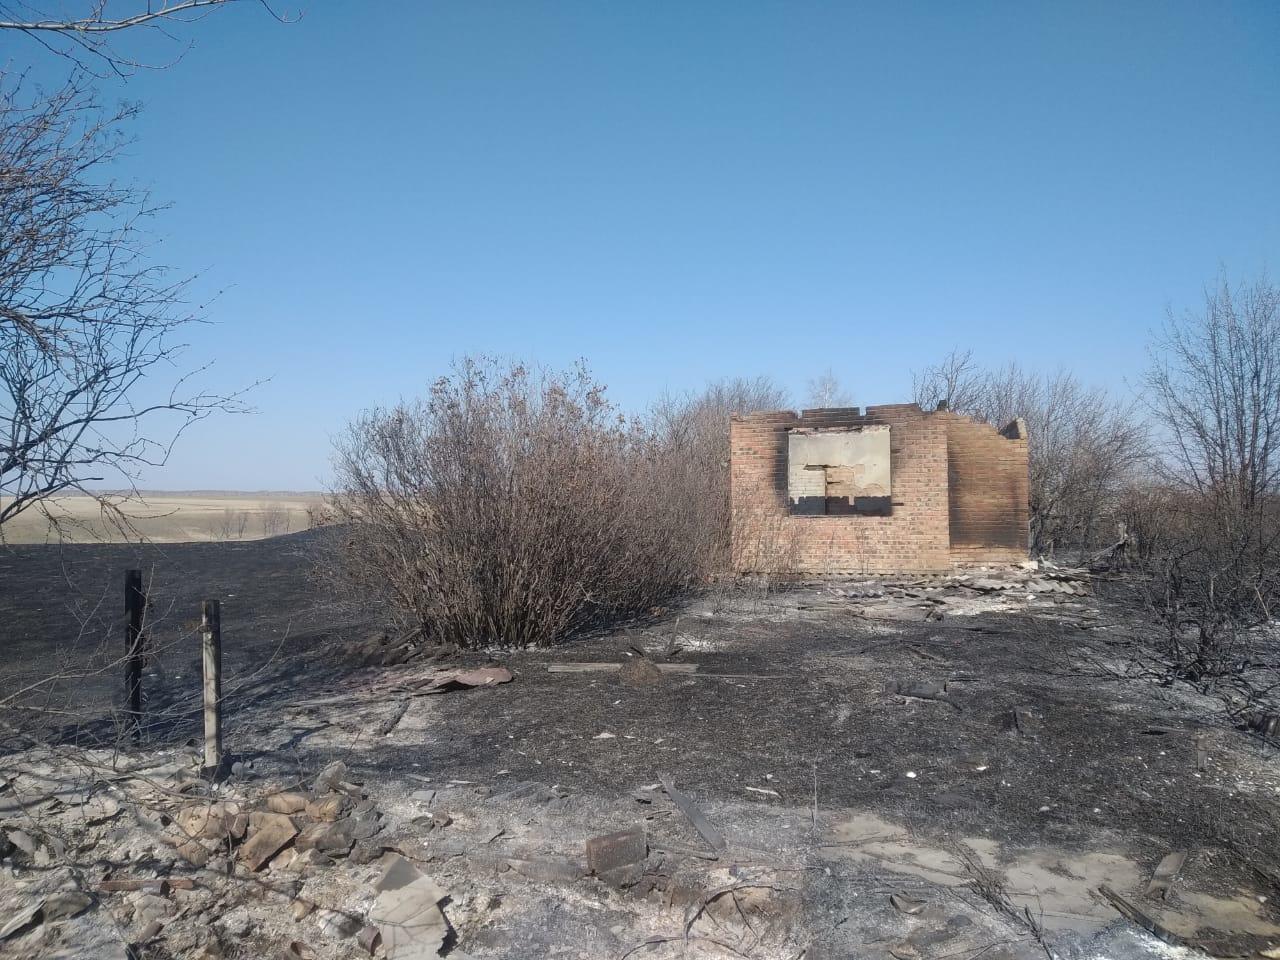 Пожар под Омском охватил 20 дачных участков #Омск #Общество #Сегодня